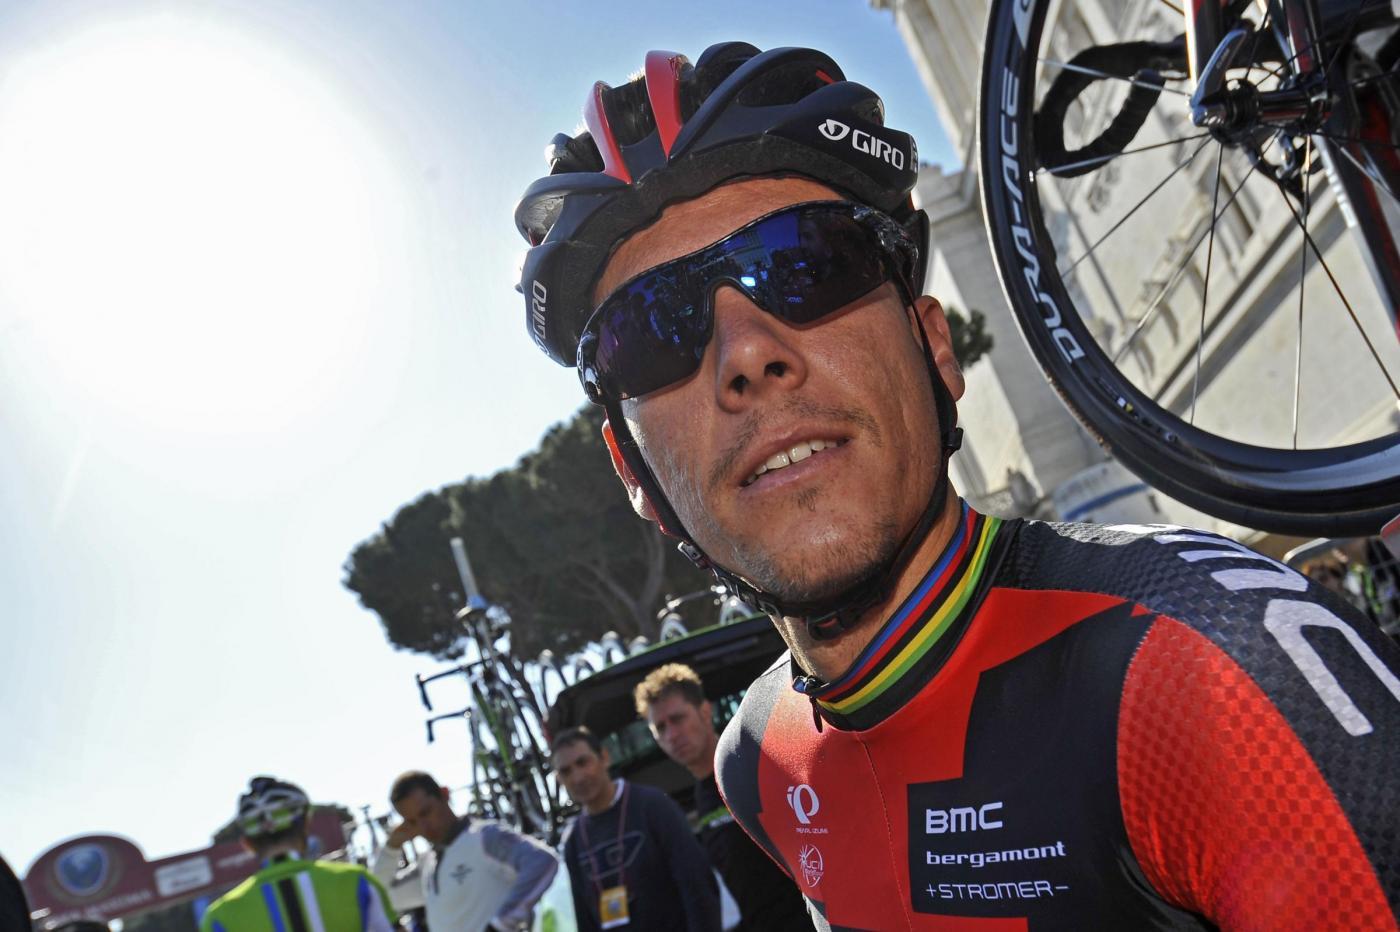 Gilbert Giro